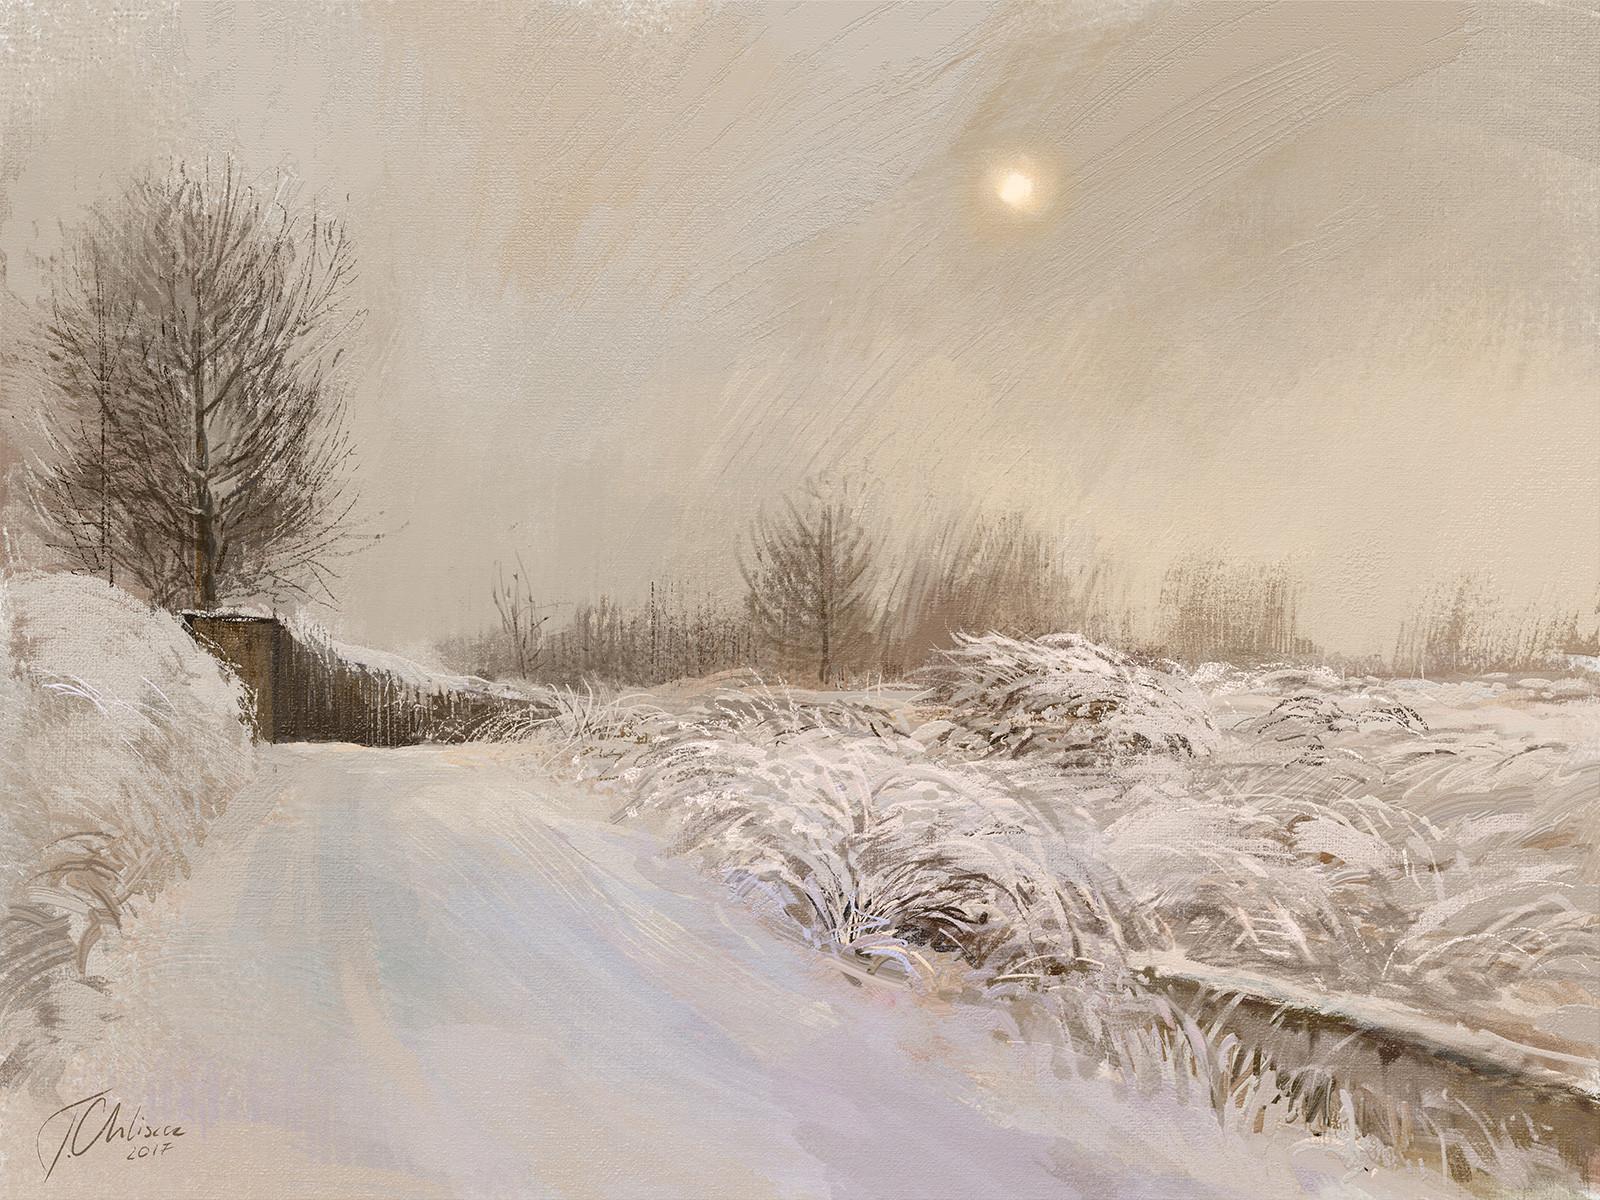 Tymoteusz chliszcz landscape72 by chliszcz